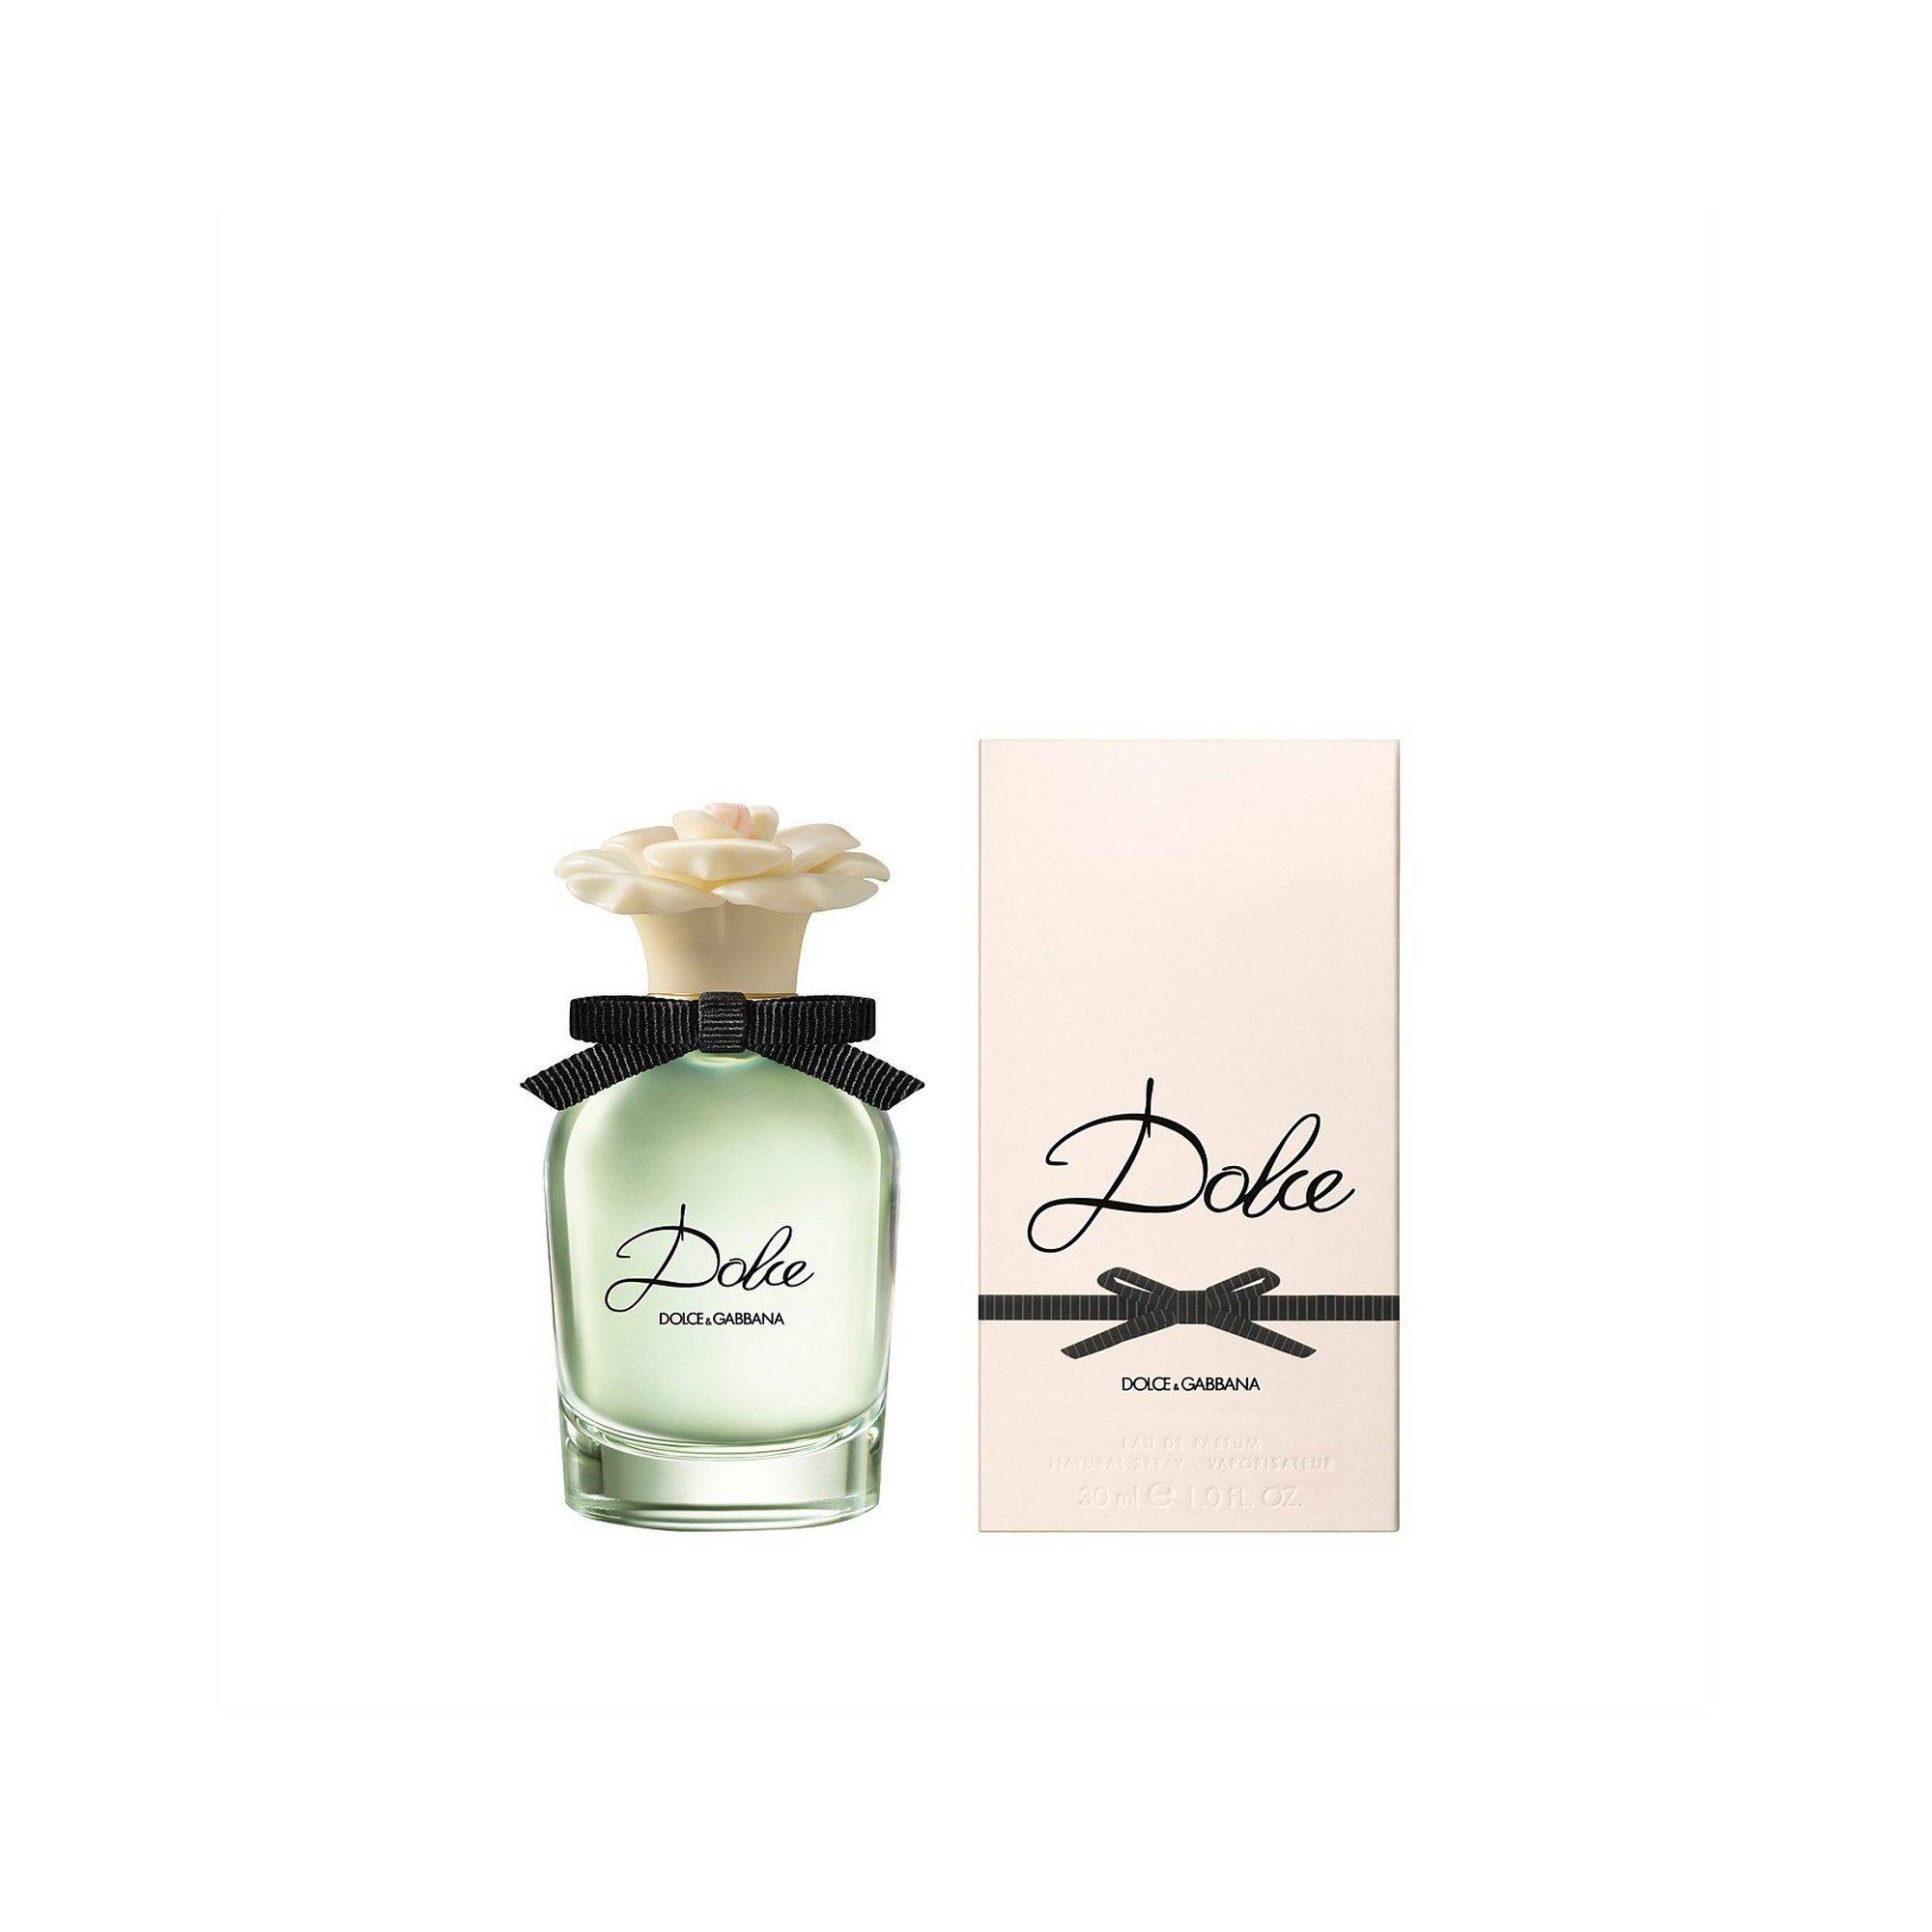 Image of Dolce and Gabbana Dolce Eau De Parfum